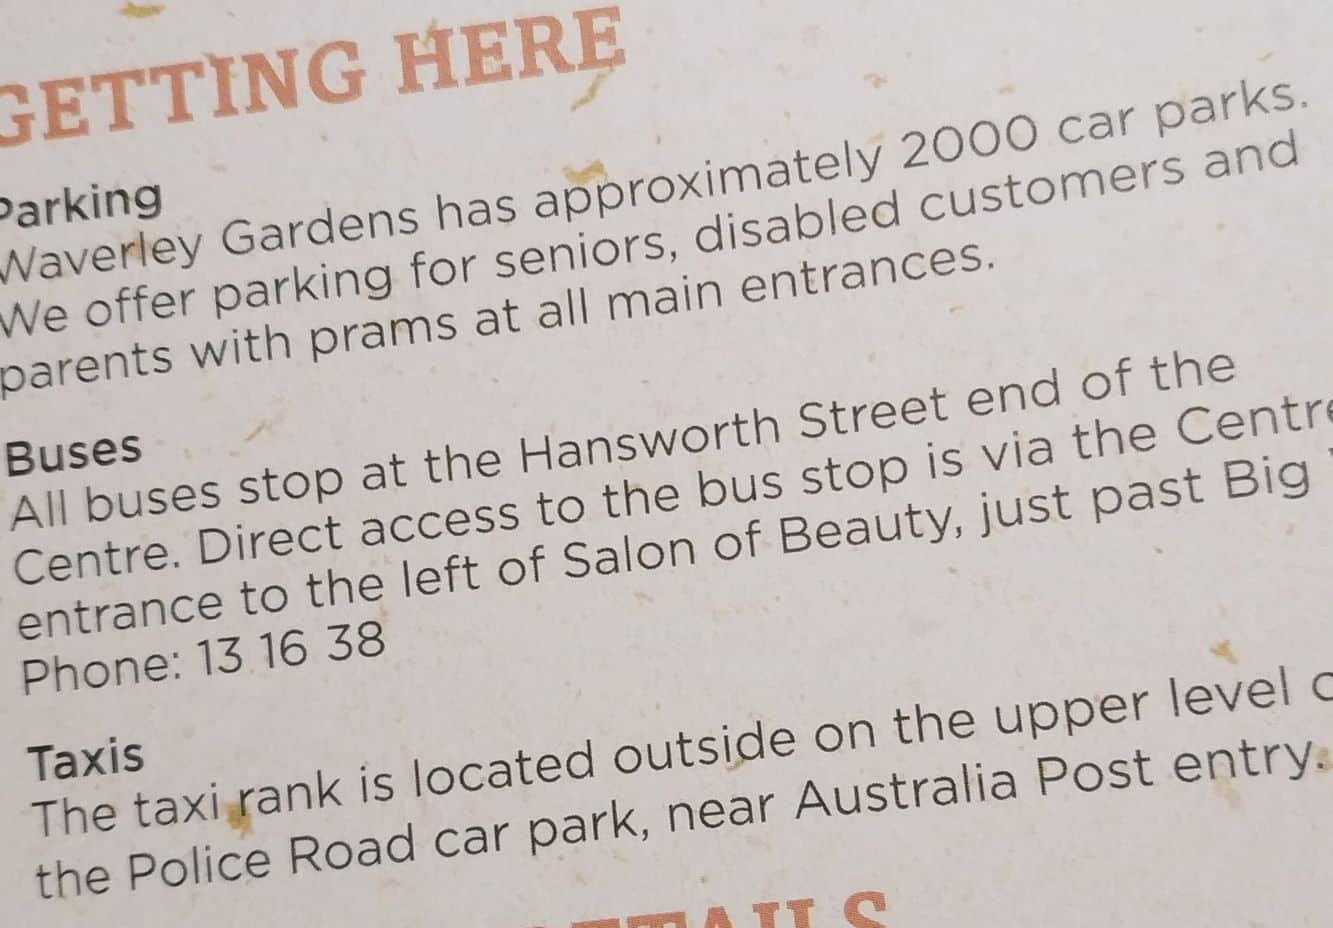 Waverley Gardens Shopping Centre 13